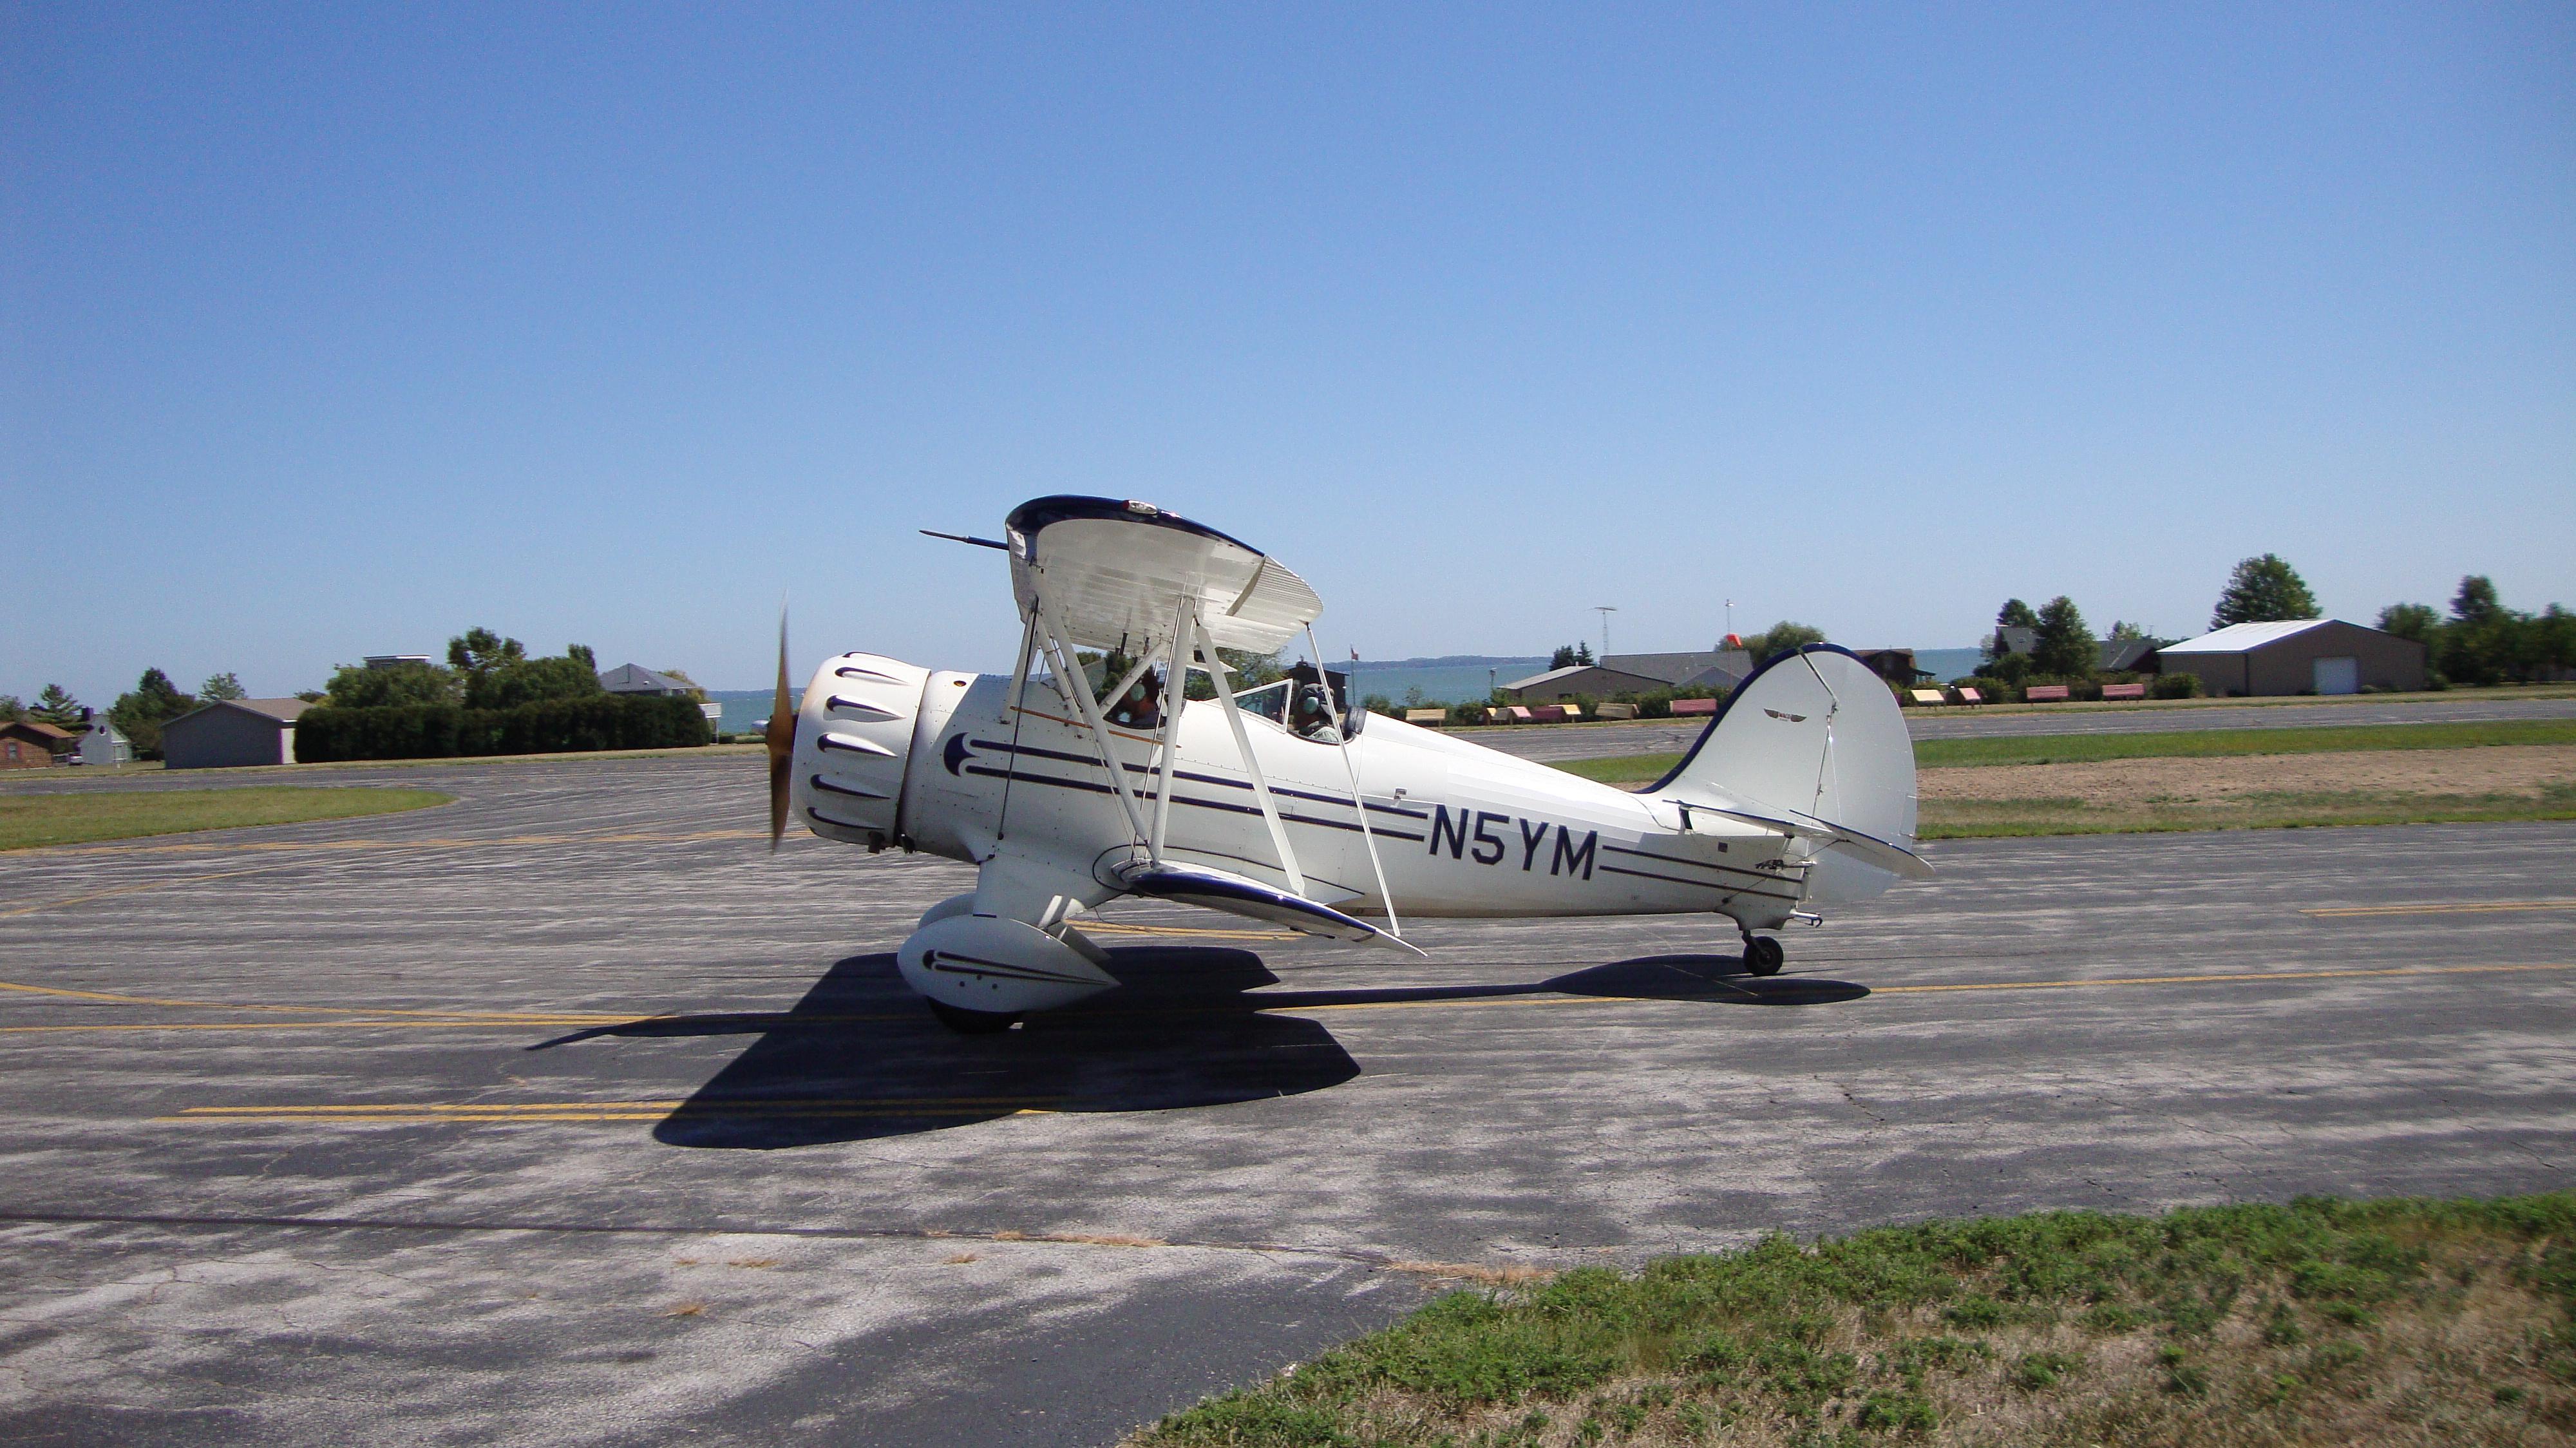 Biplane Rides